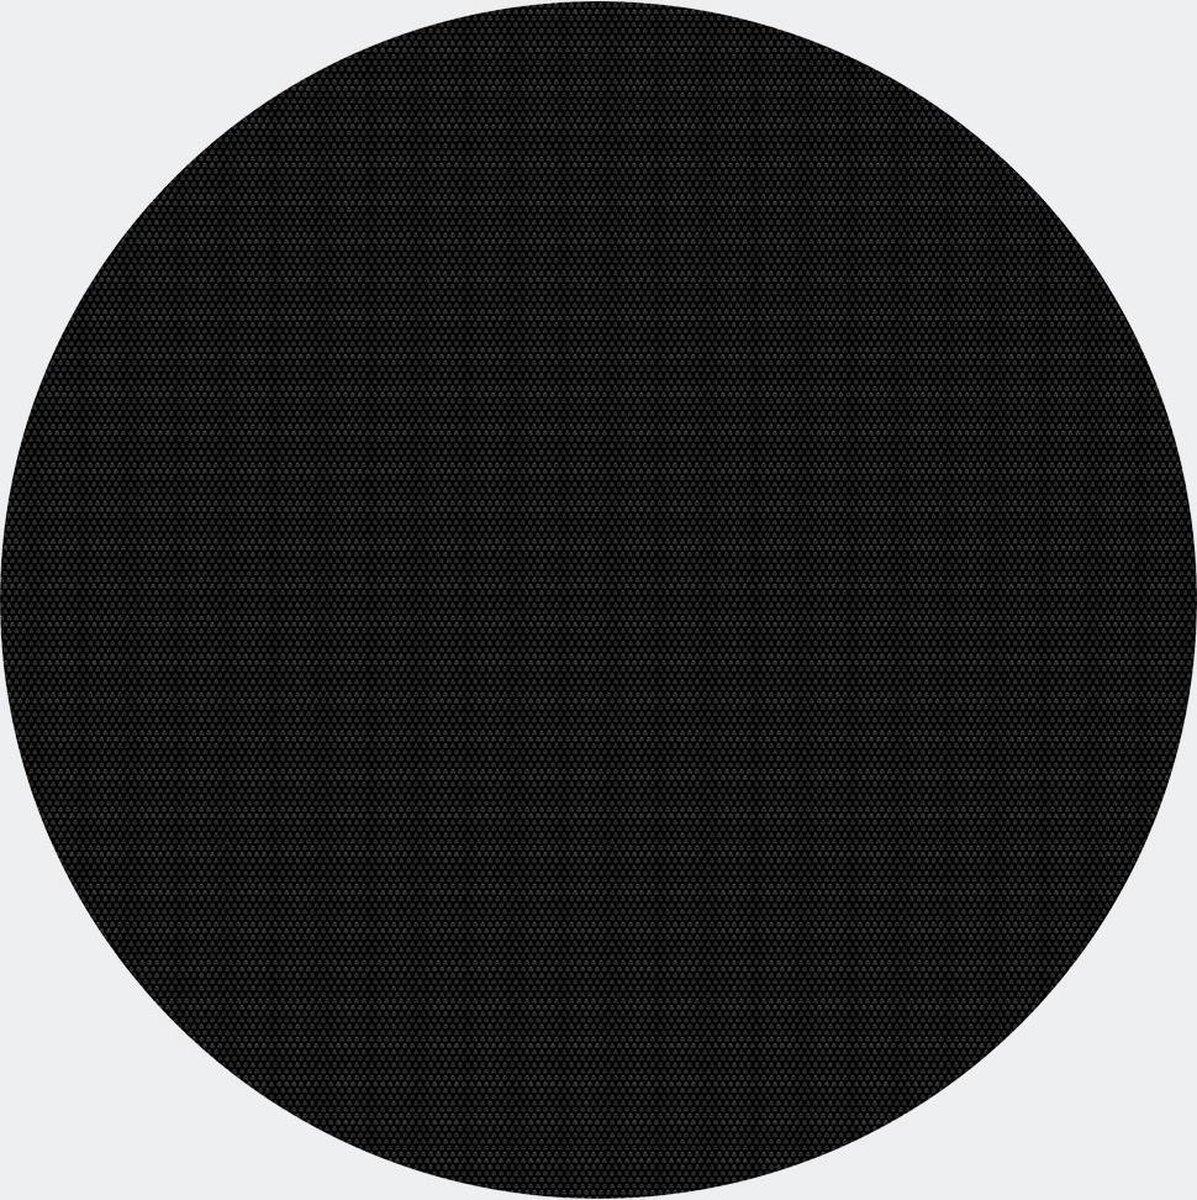 Zwembad zonnedoek, afdekking rond Ø 3.6m, zwart, zwembadafdekking verwarming - Multistrobe